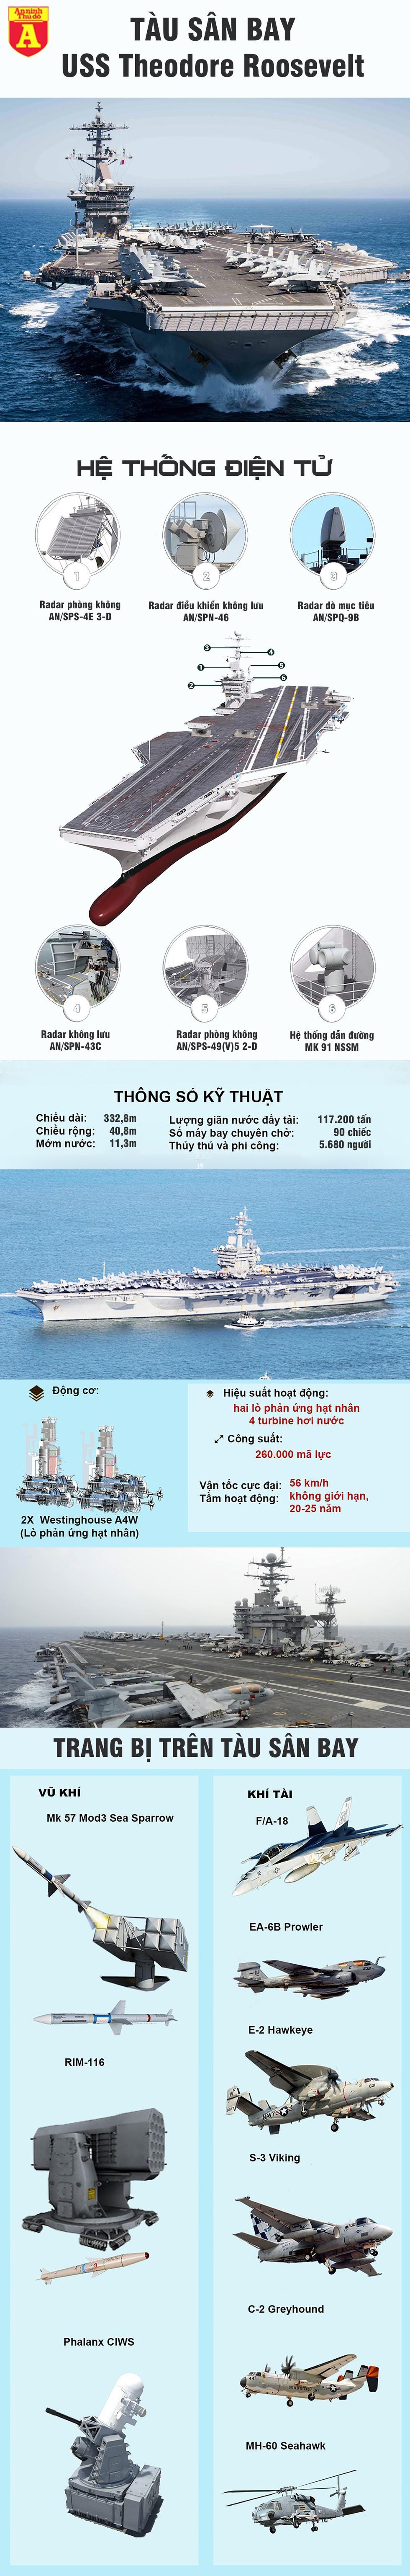 """[Infographics] Siêu tàu sân bay Mỹ bị dịch Covid-19 """"đánh"""" cho nằm bờ - Ảnh 1"""